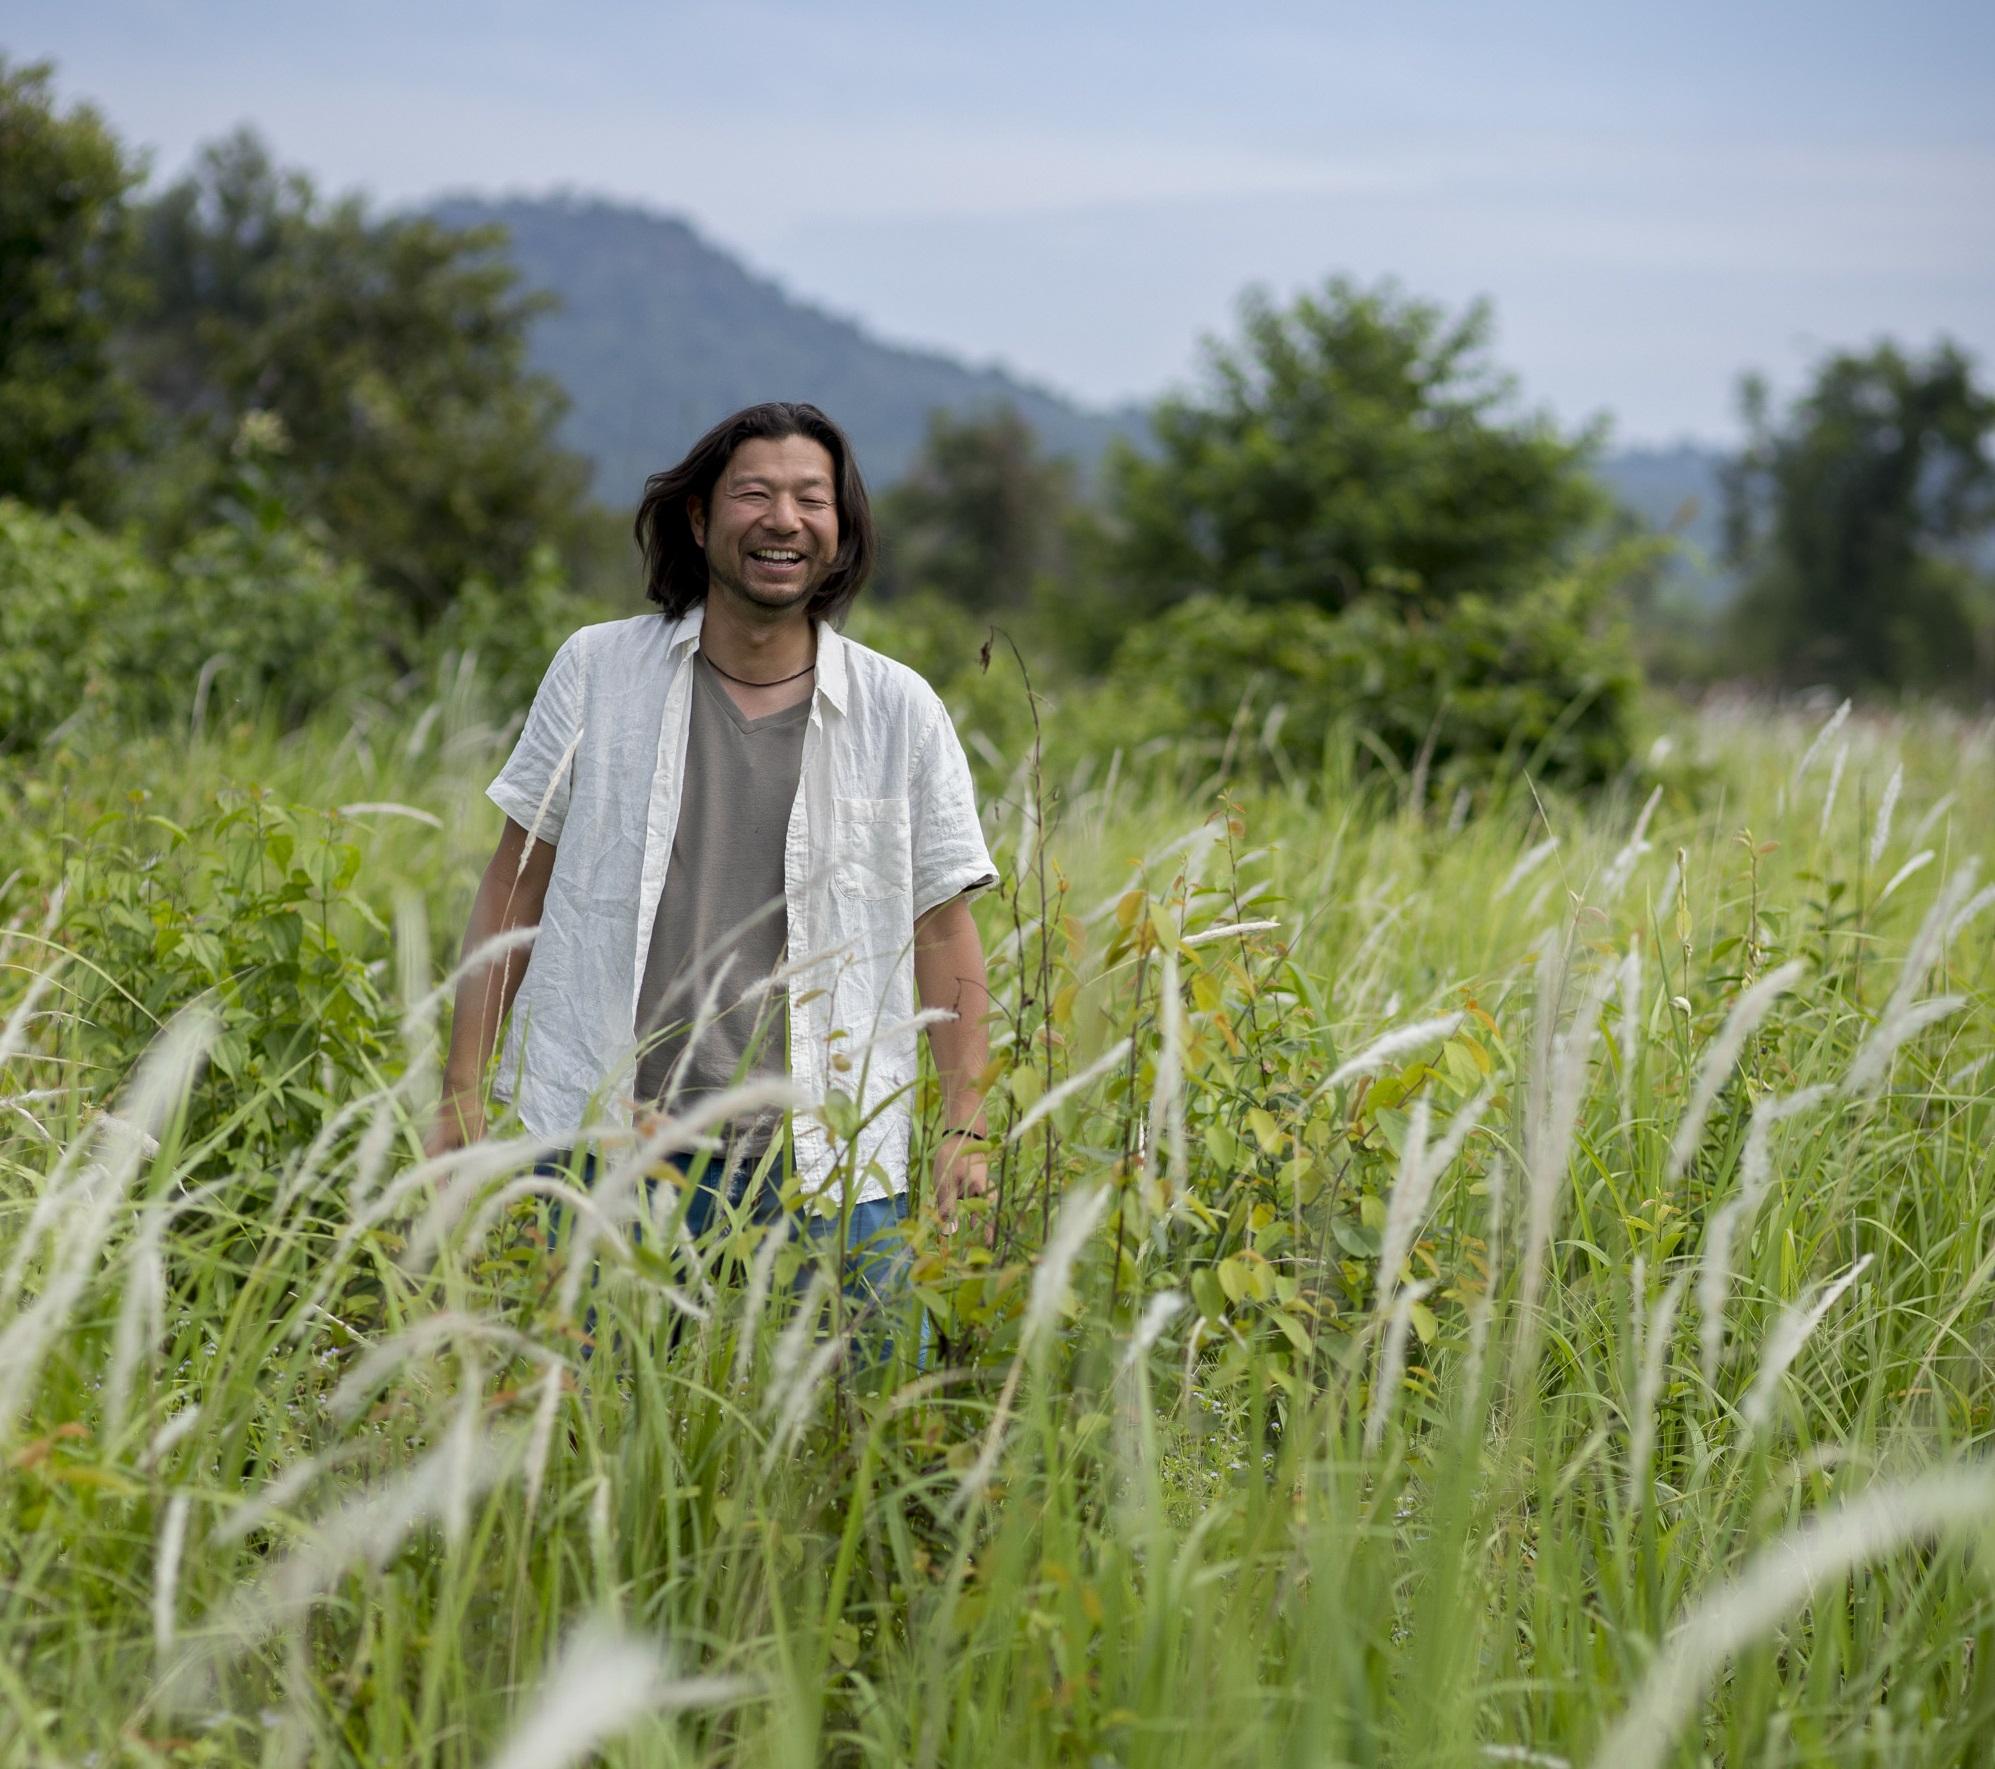 【インタビュー】生活用品を通したカンボジア森の再生。「みんなでみらいを」サステナビリティ経営戦略 2